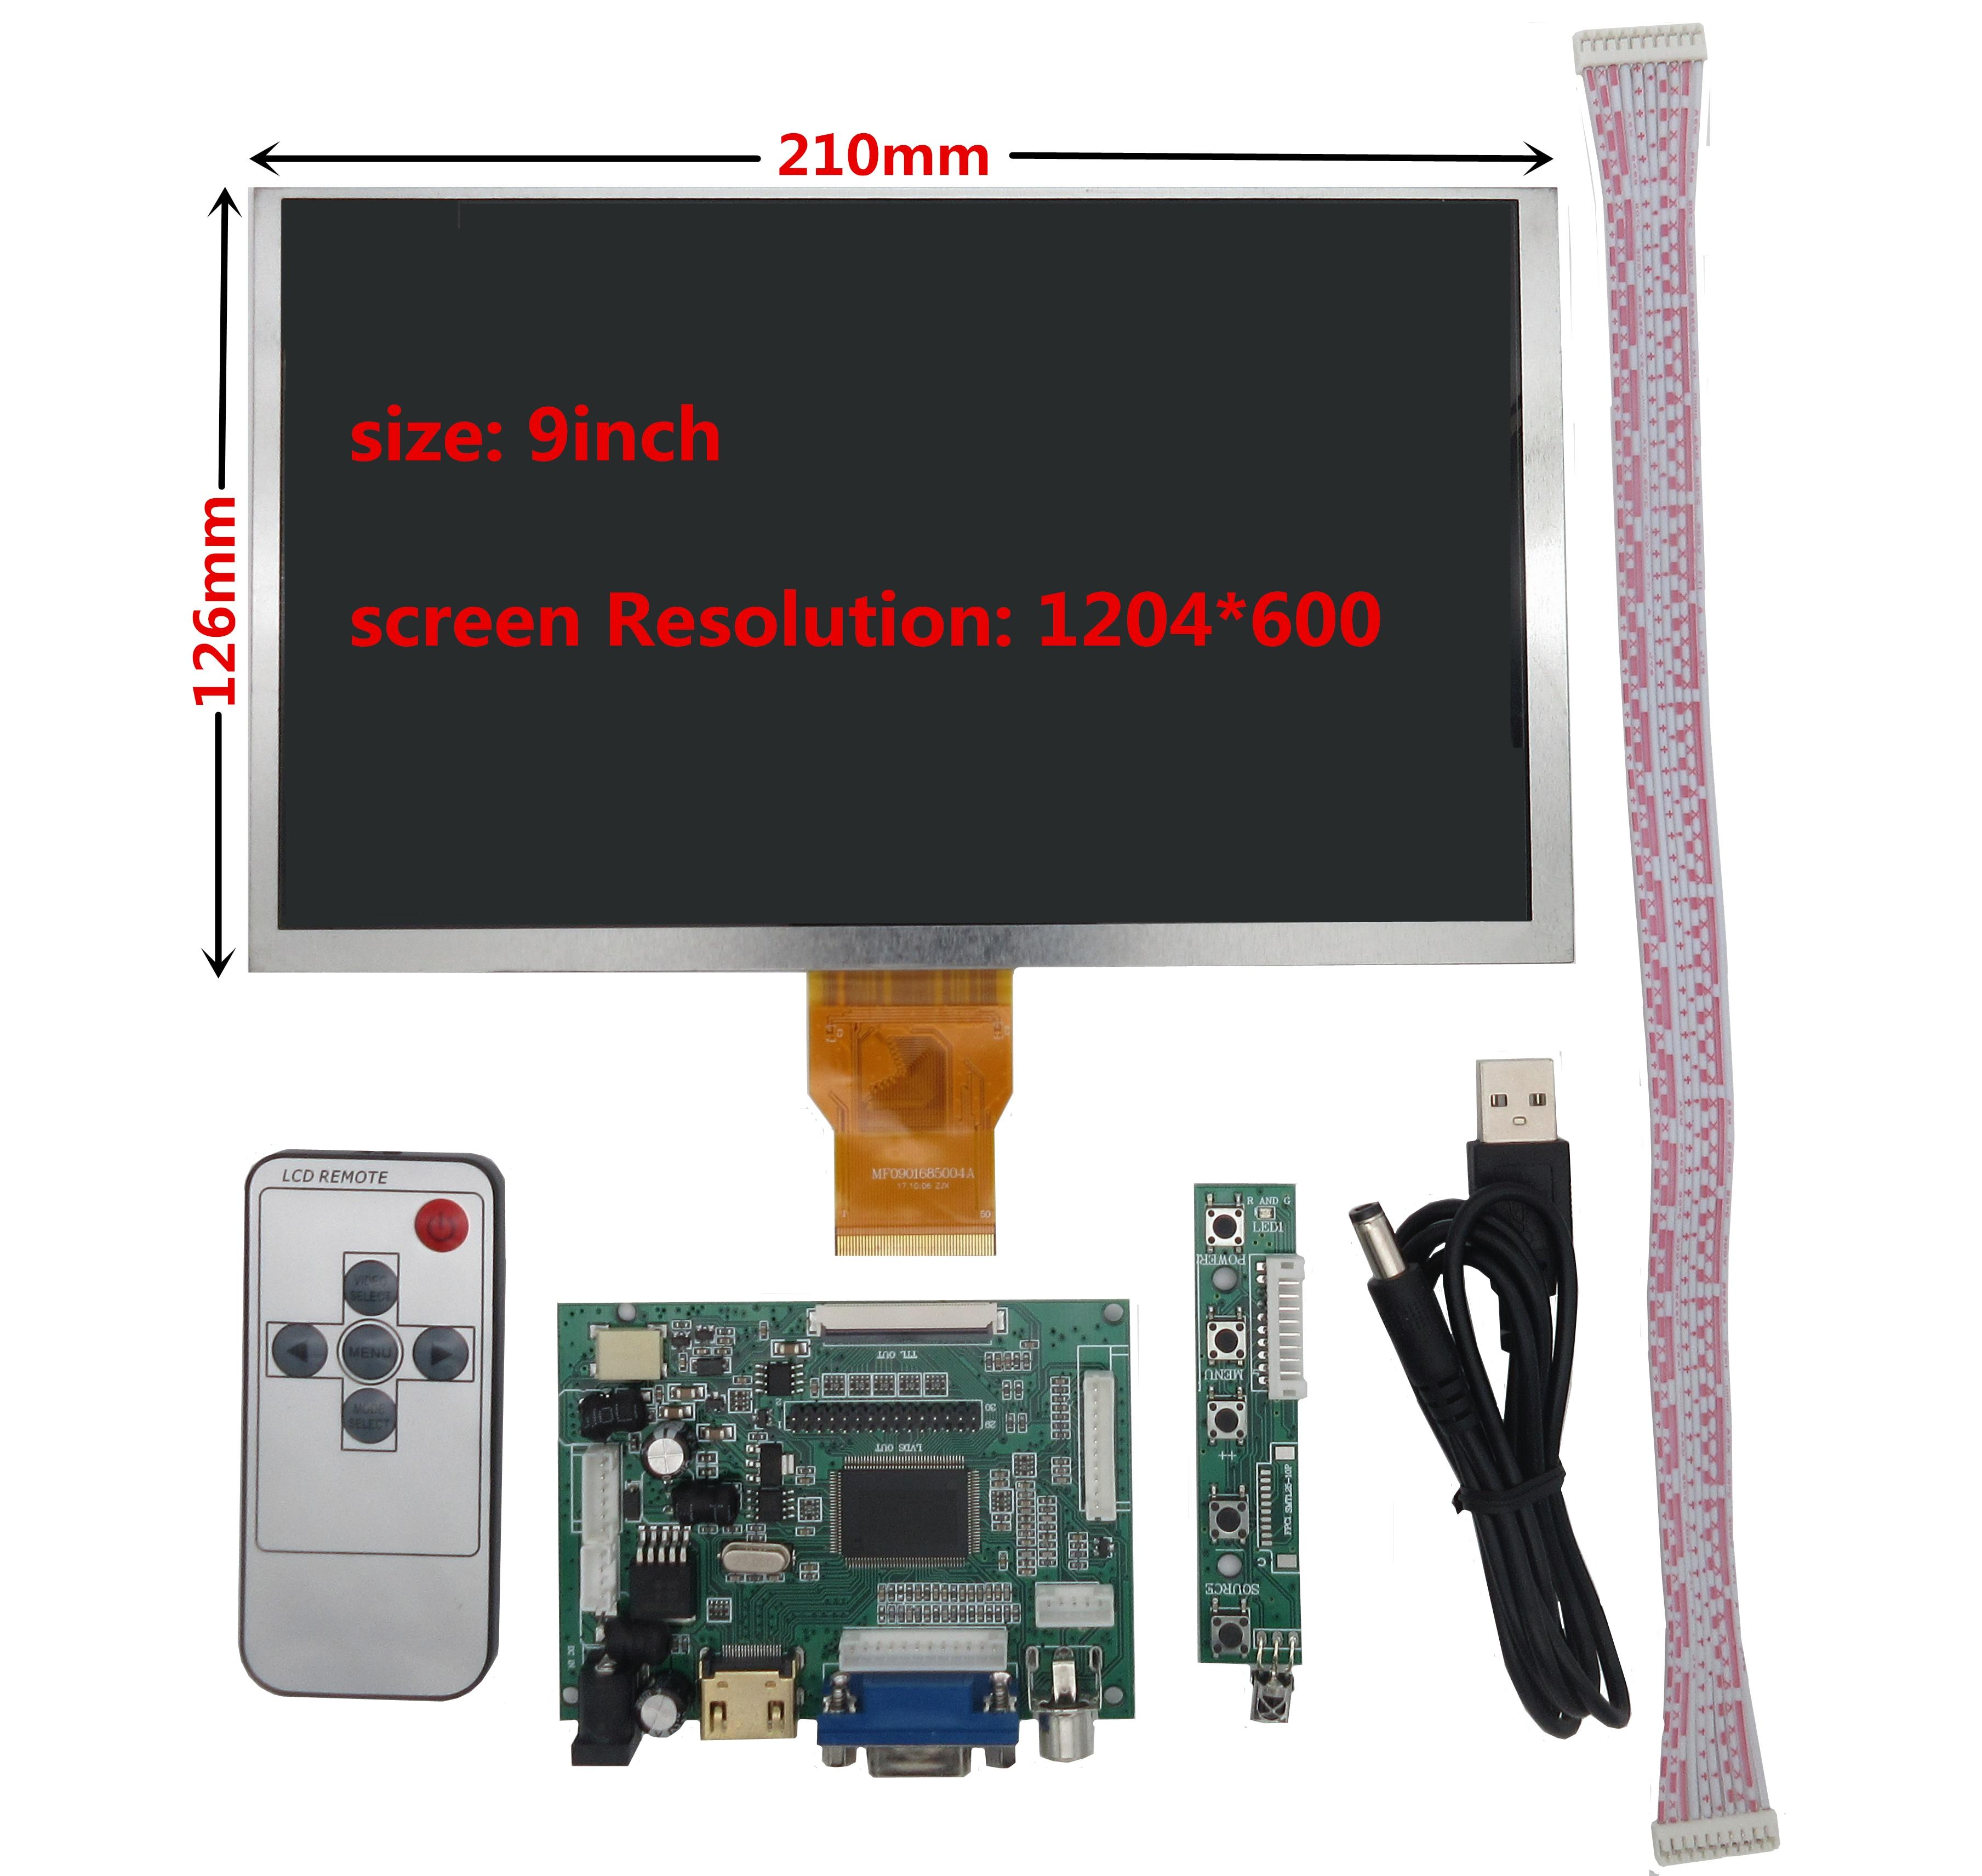 for Raspberry Pi Banana/Orange Pi mini computer LCD Screen Display Monitor with Remote Driver Control Board 2AV HDMI VGA